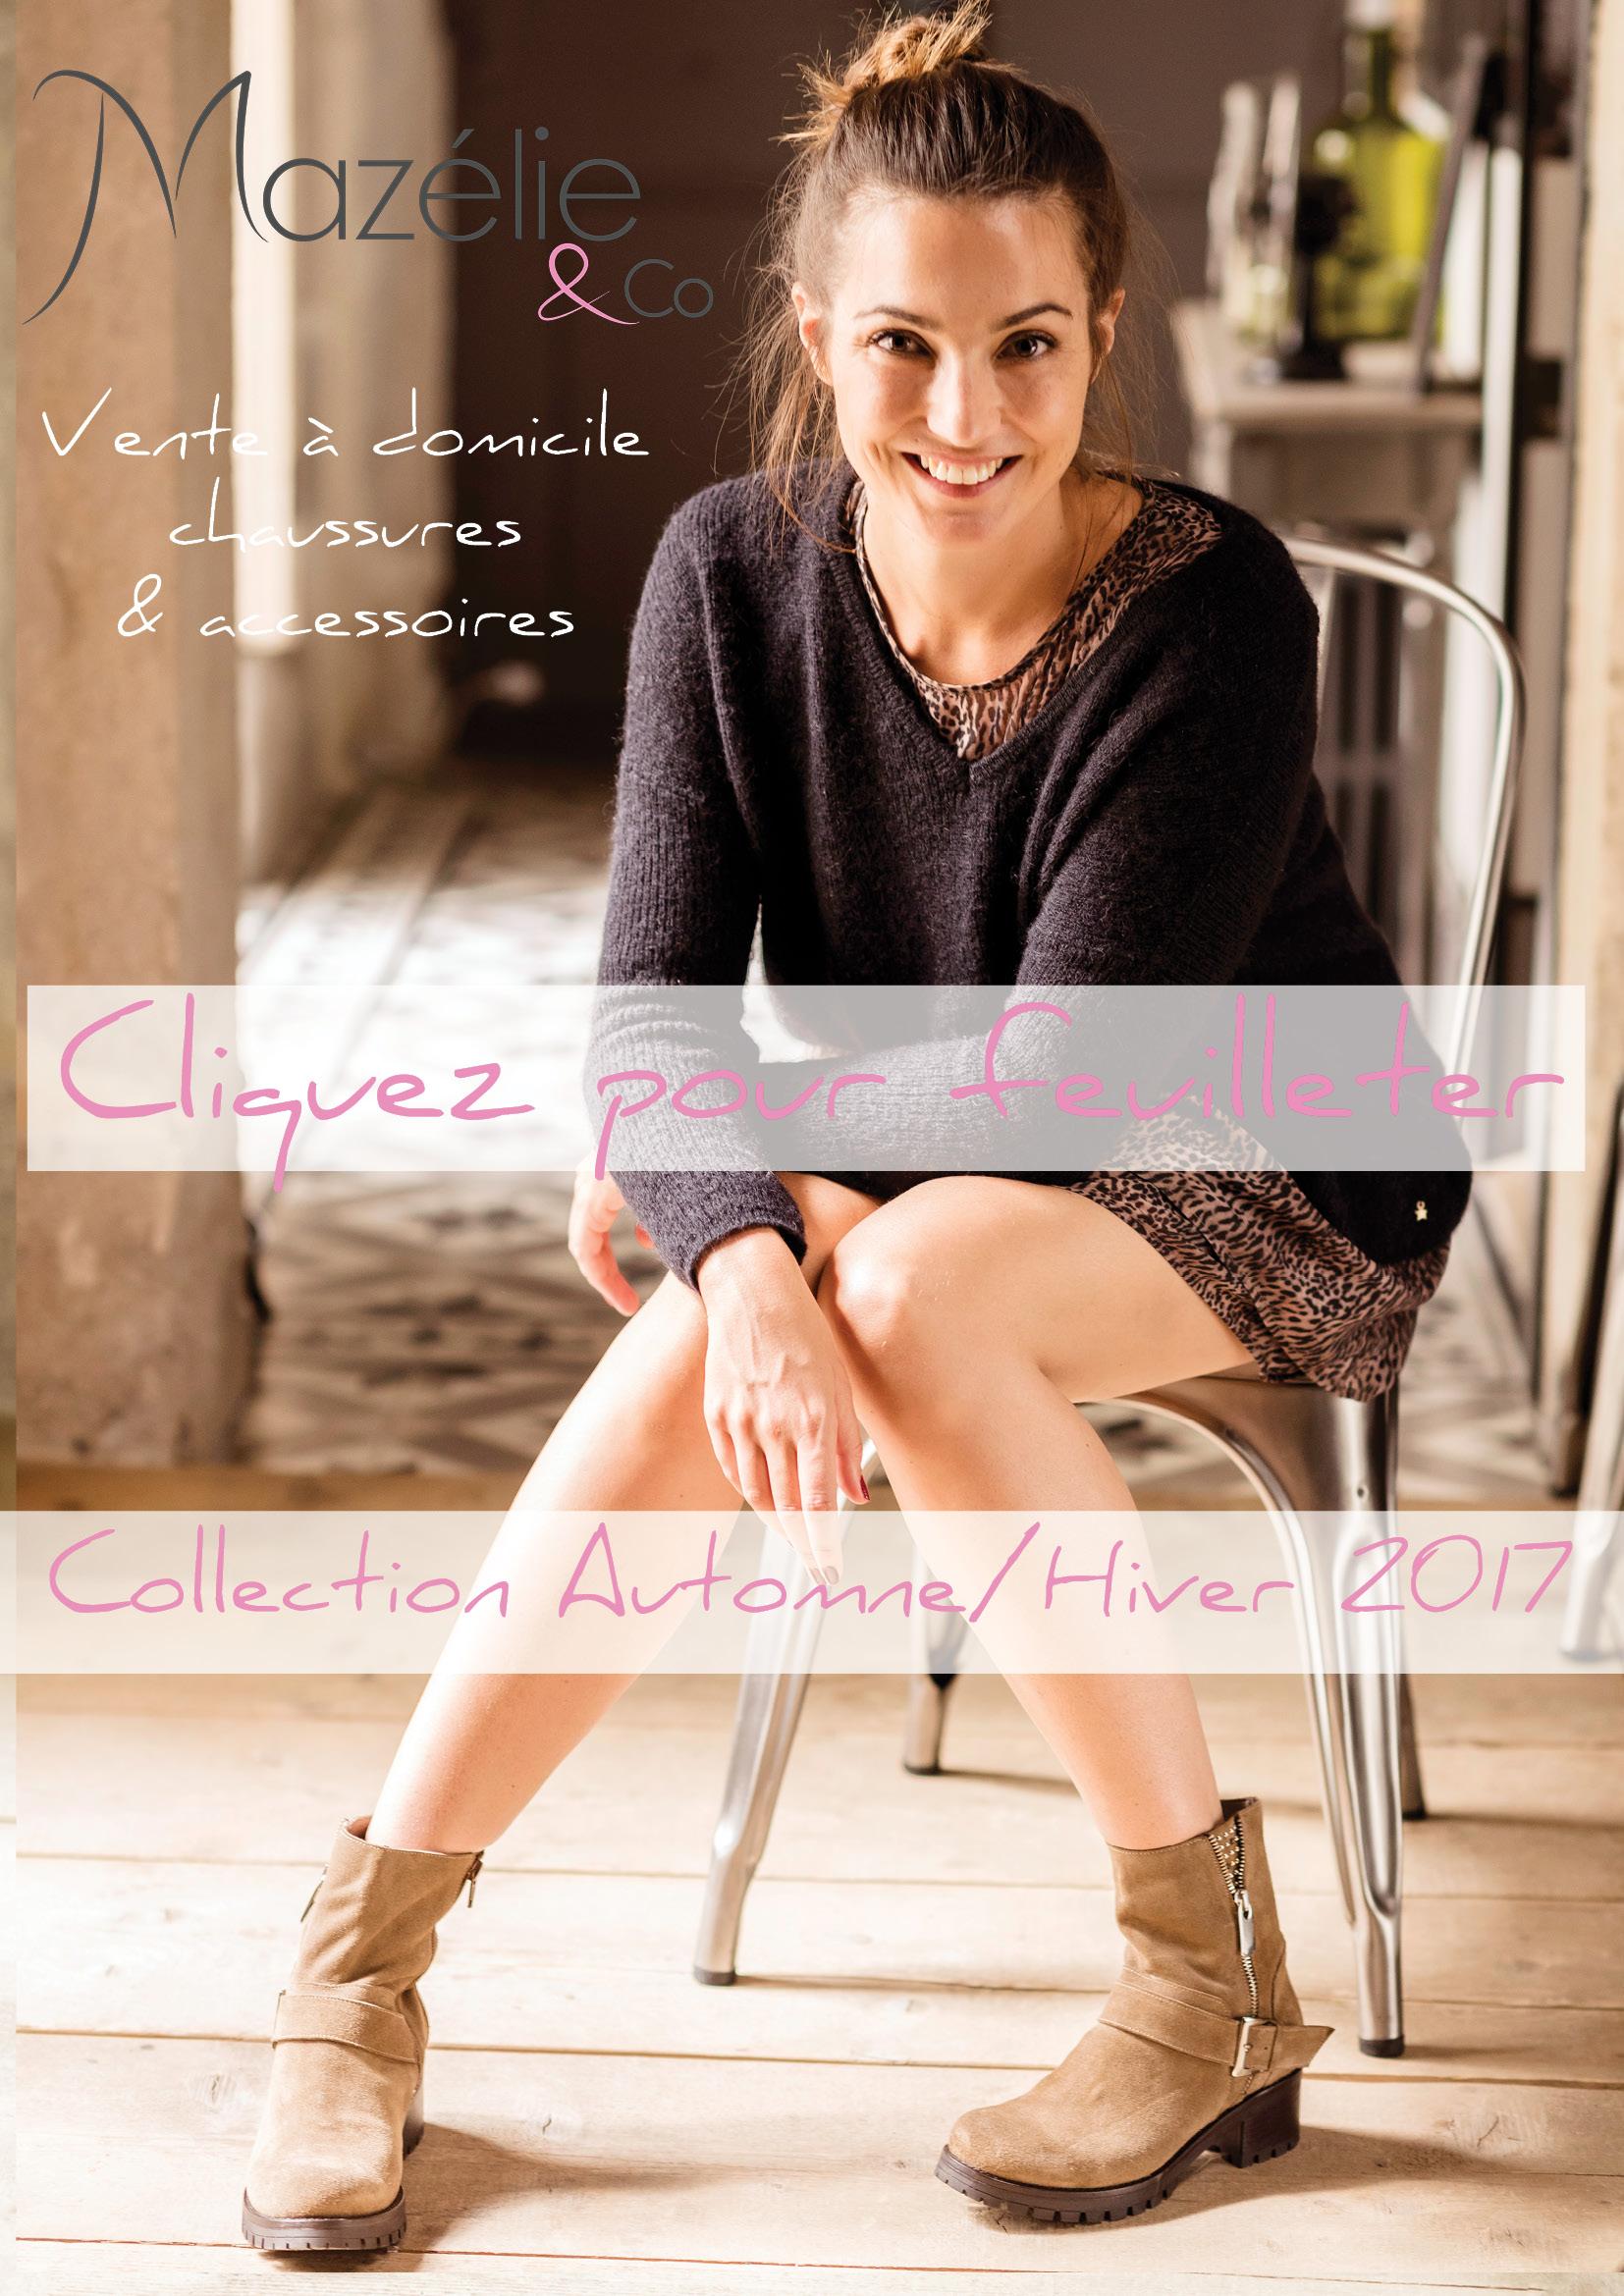 premiere catalogue site.jpg